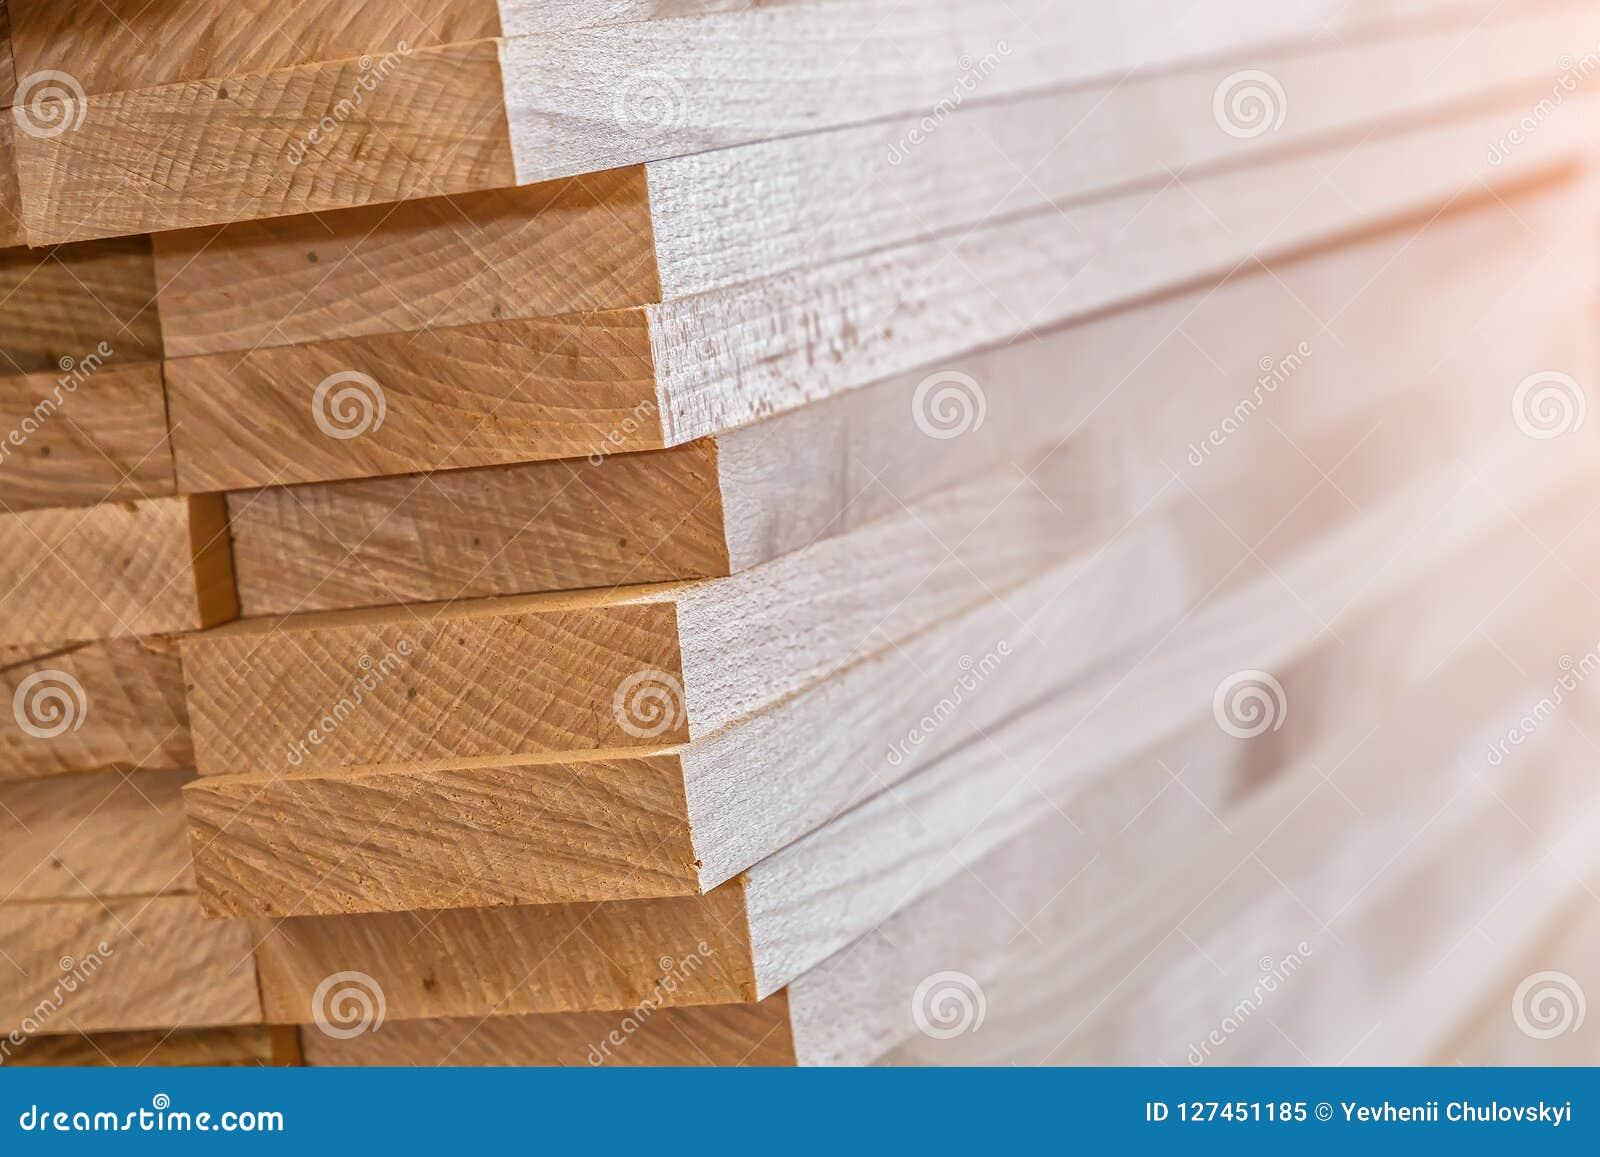 Matériau de construction en bois de bois de construction pour le fond et la texture Fin vers le haut Pile de barres en bois Petit